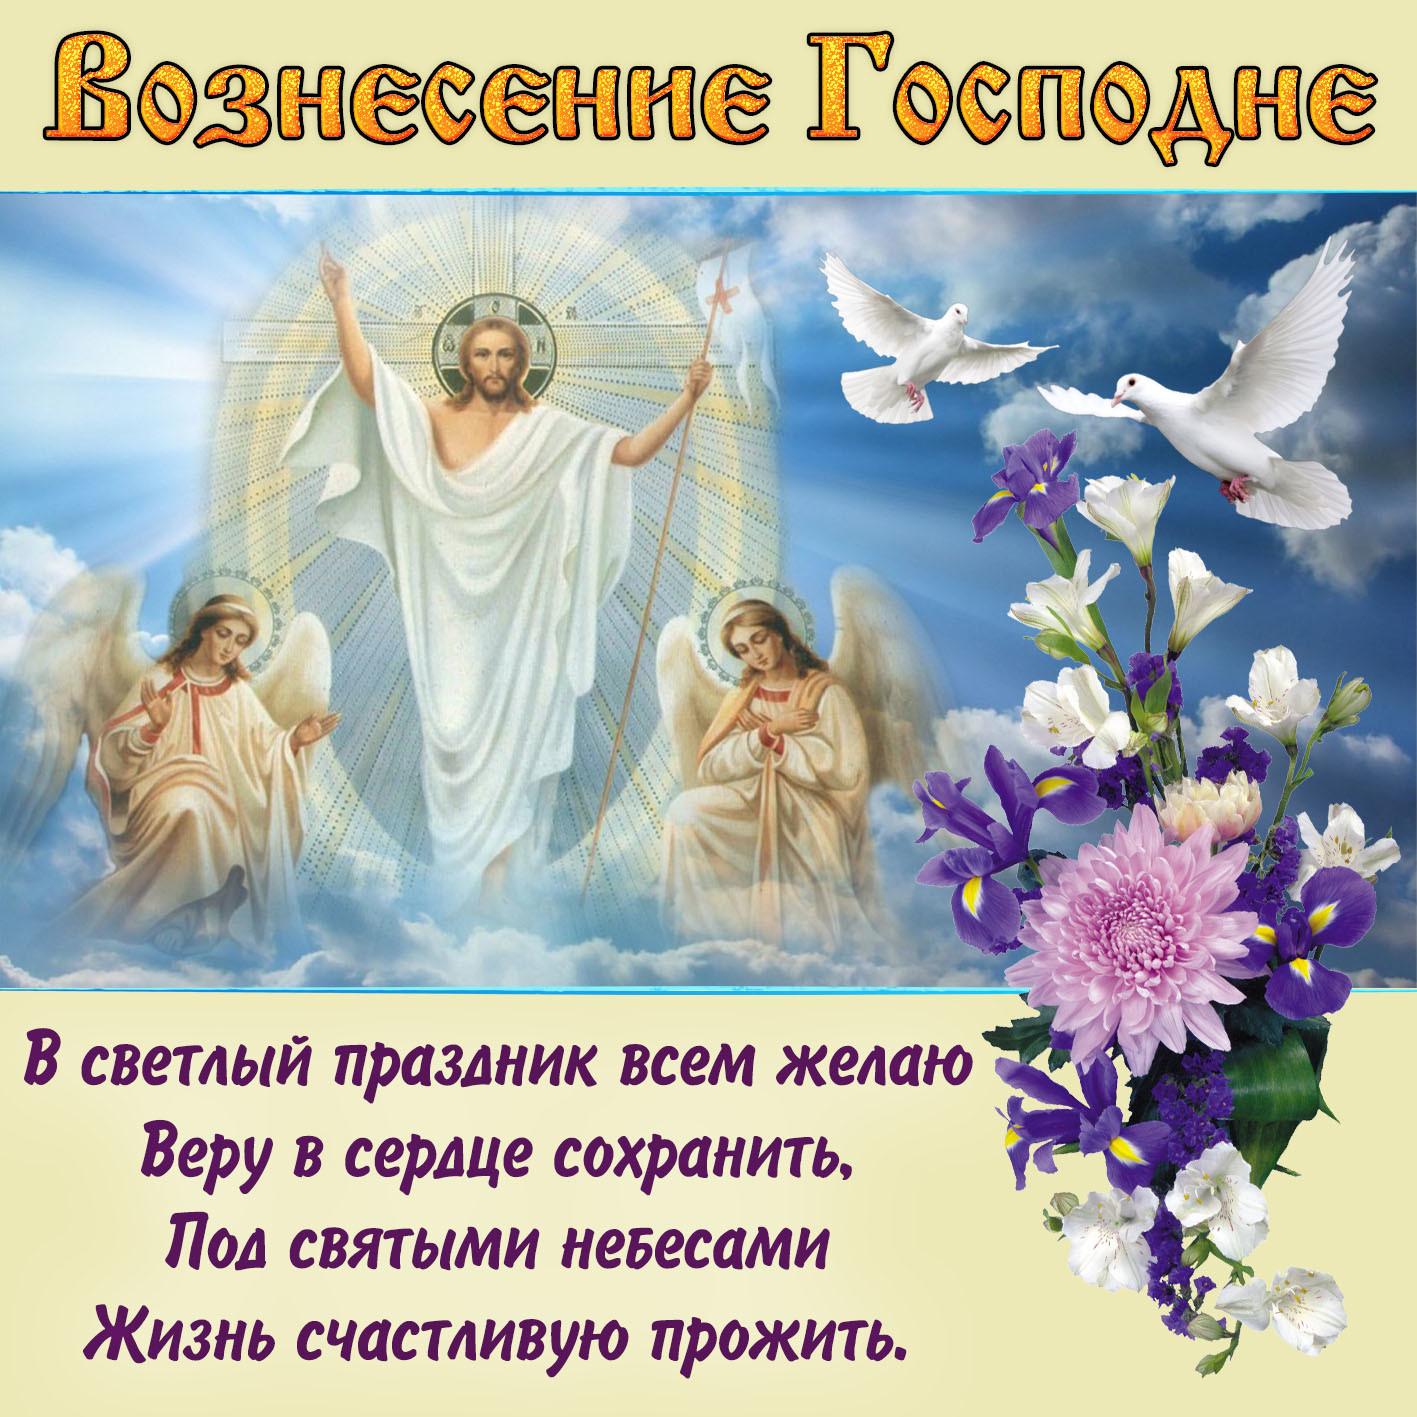 Открытки ко дню вознесения господня, своими руками виде